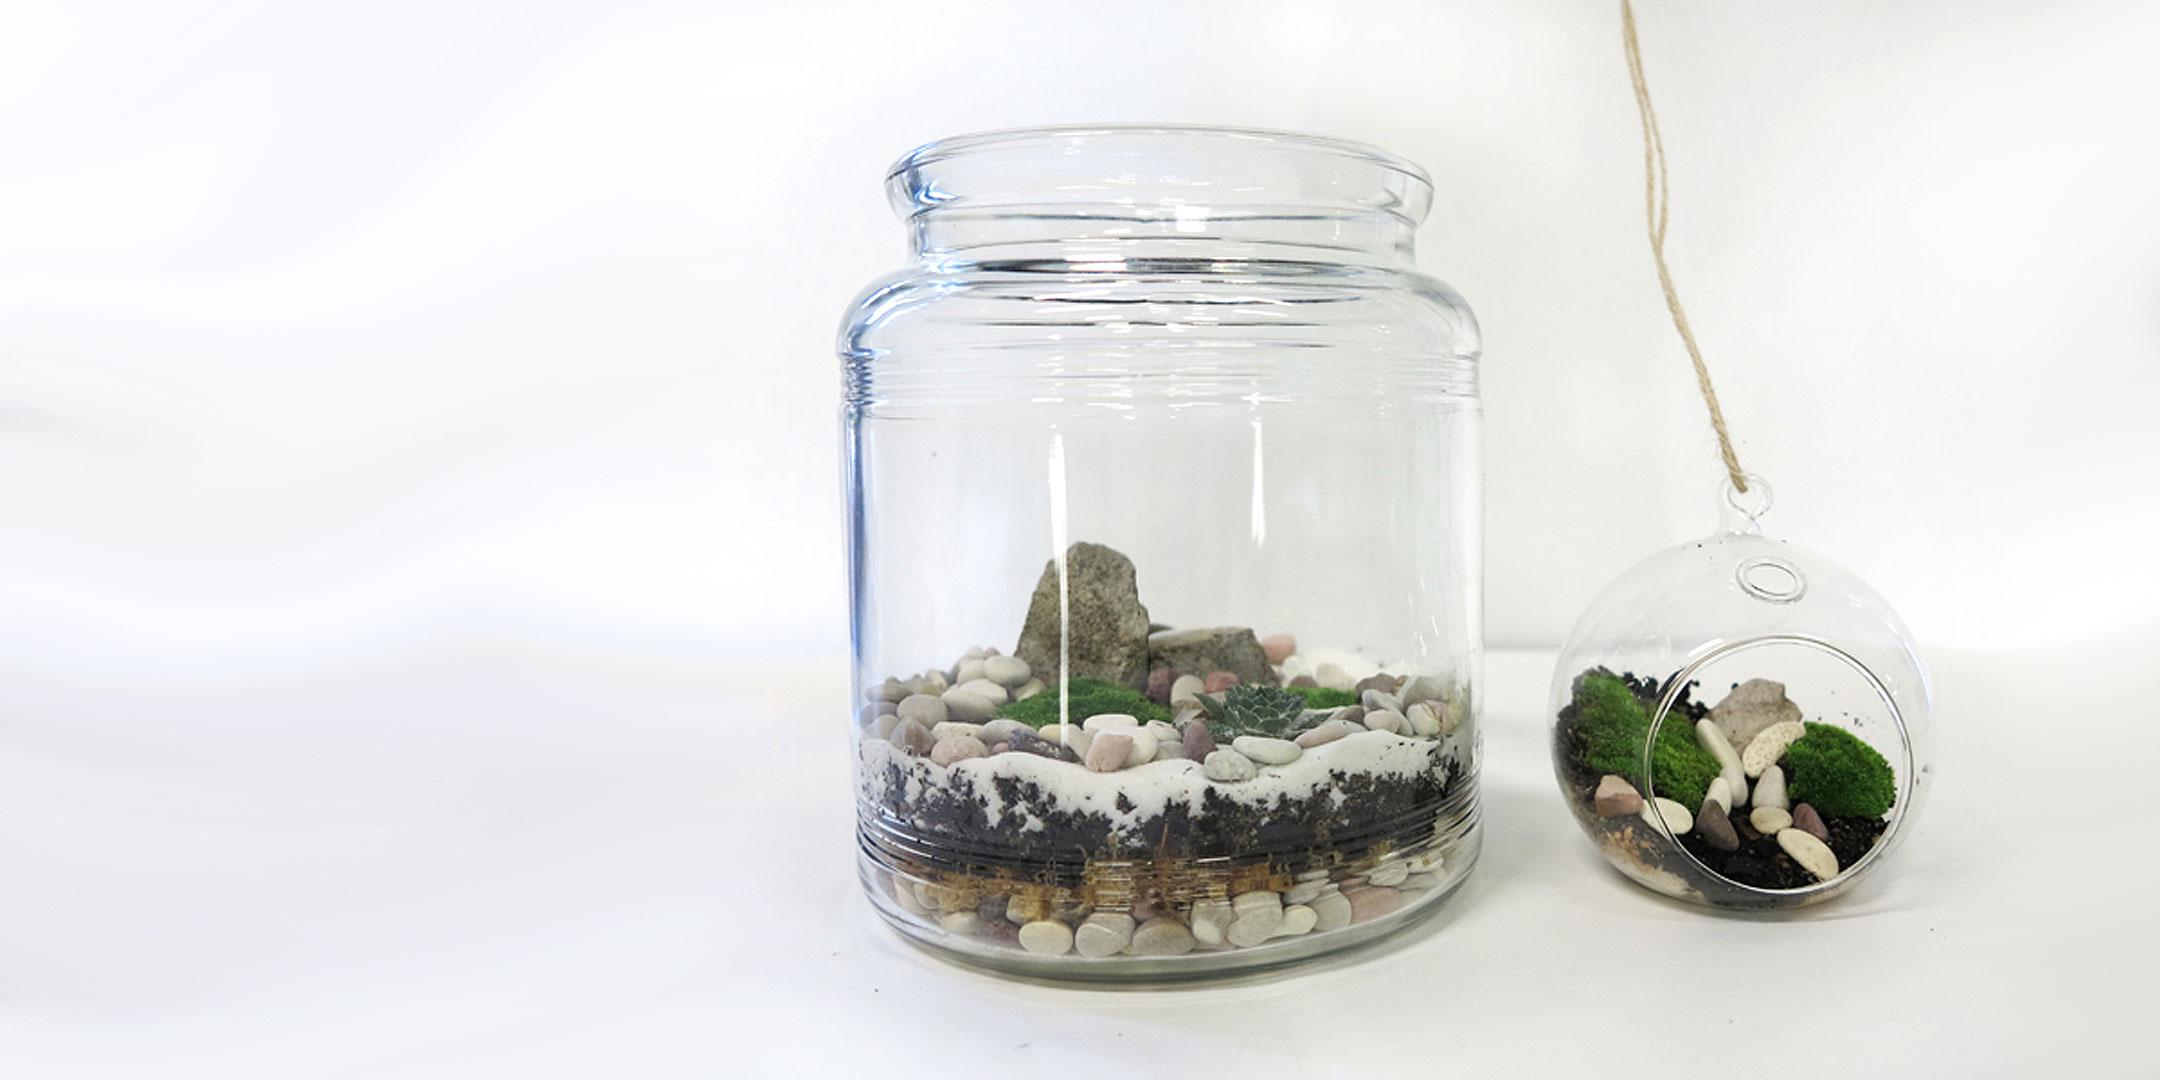 How To Make A Miniature Garden Terrarium Australian National Maritime Museum